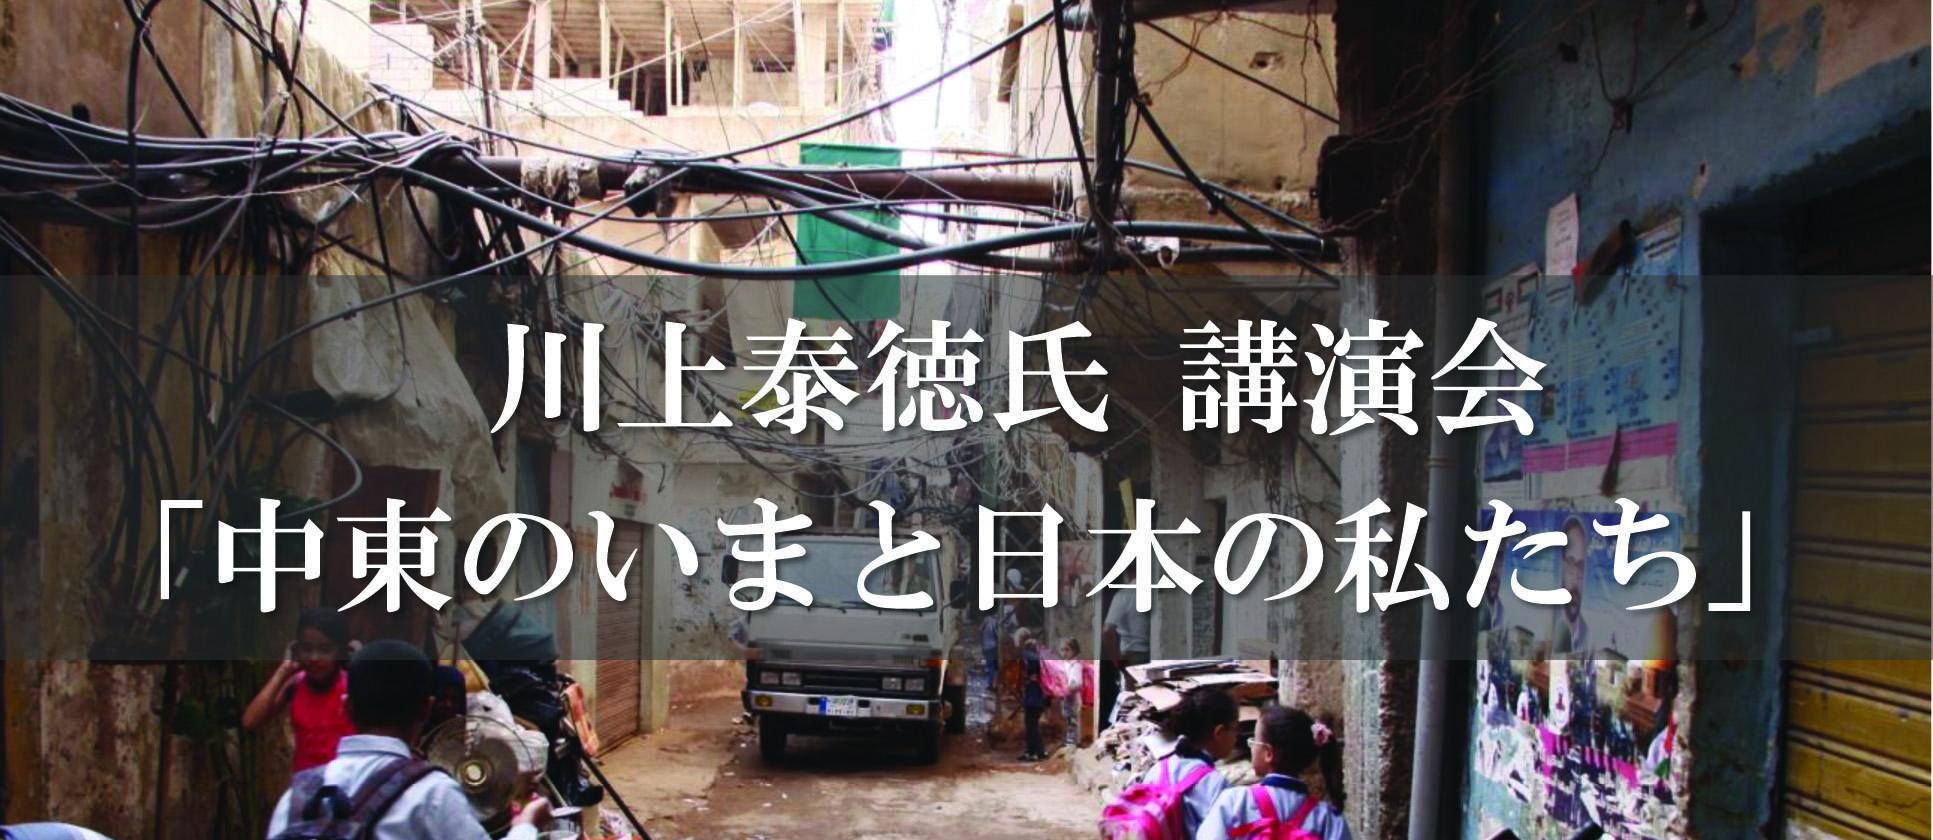 20170319講演会タイトル.jpg